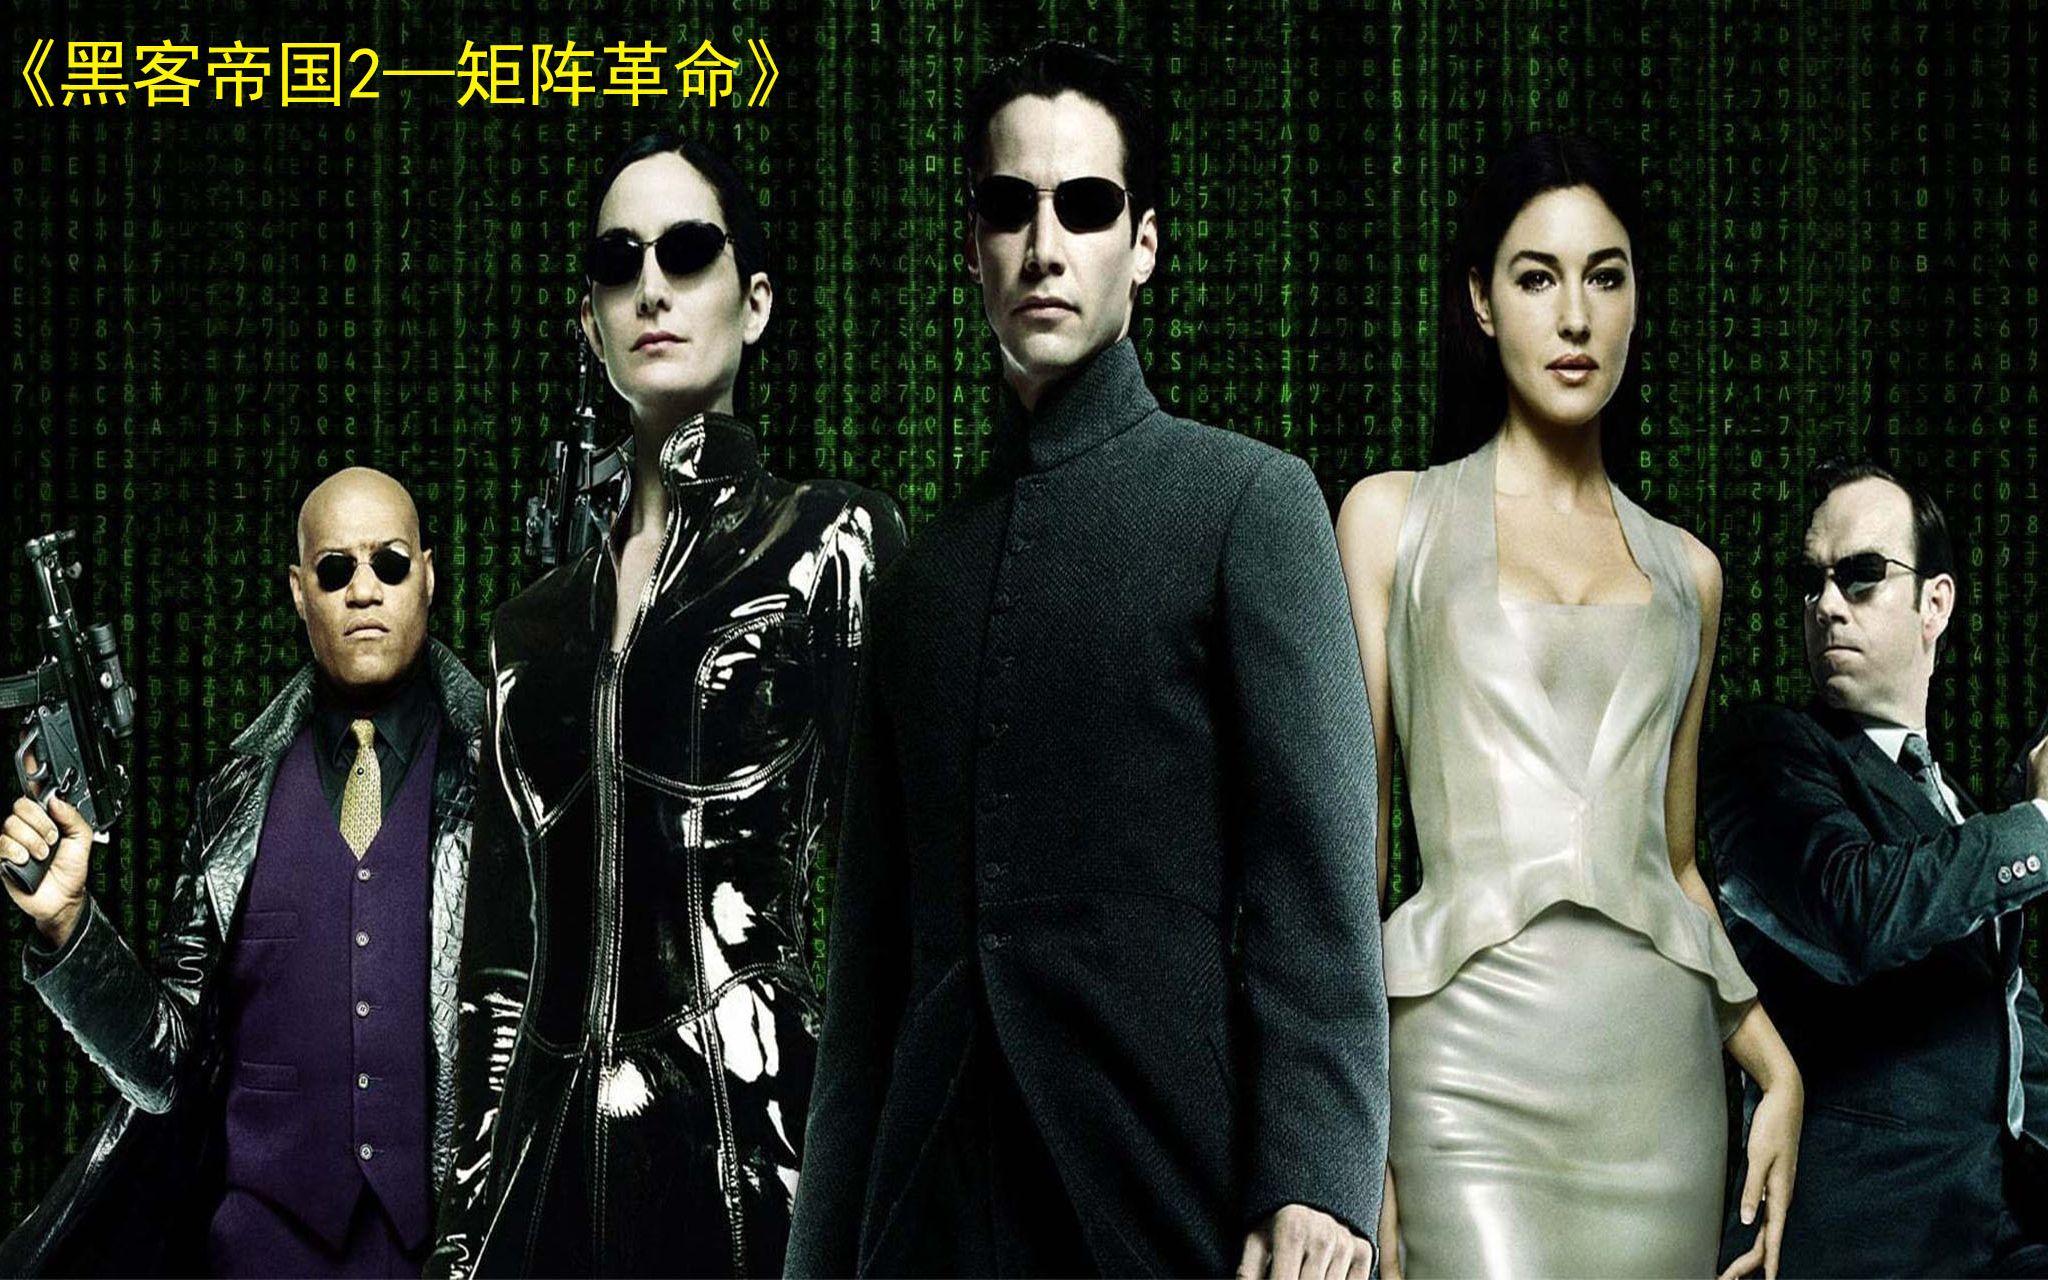 黑客帝国2 是拯救最爱的人 还是拯救全世界